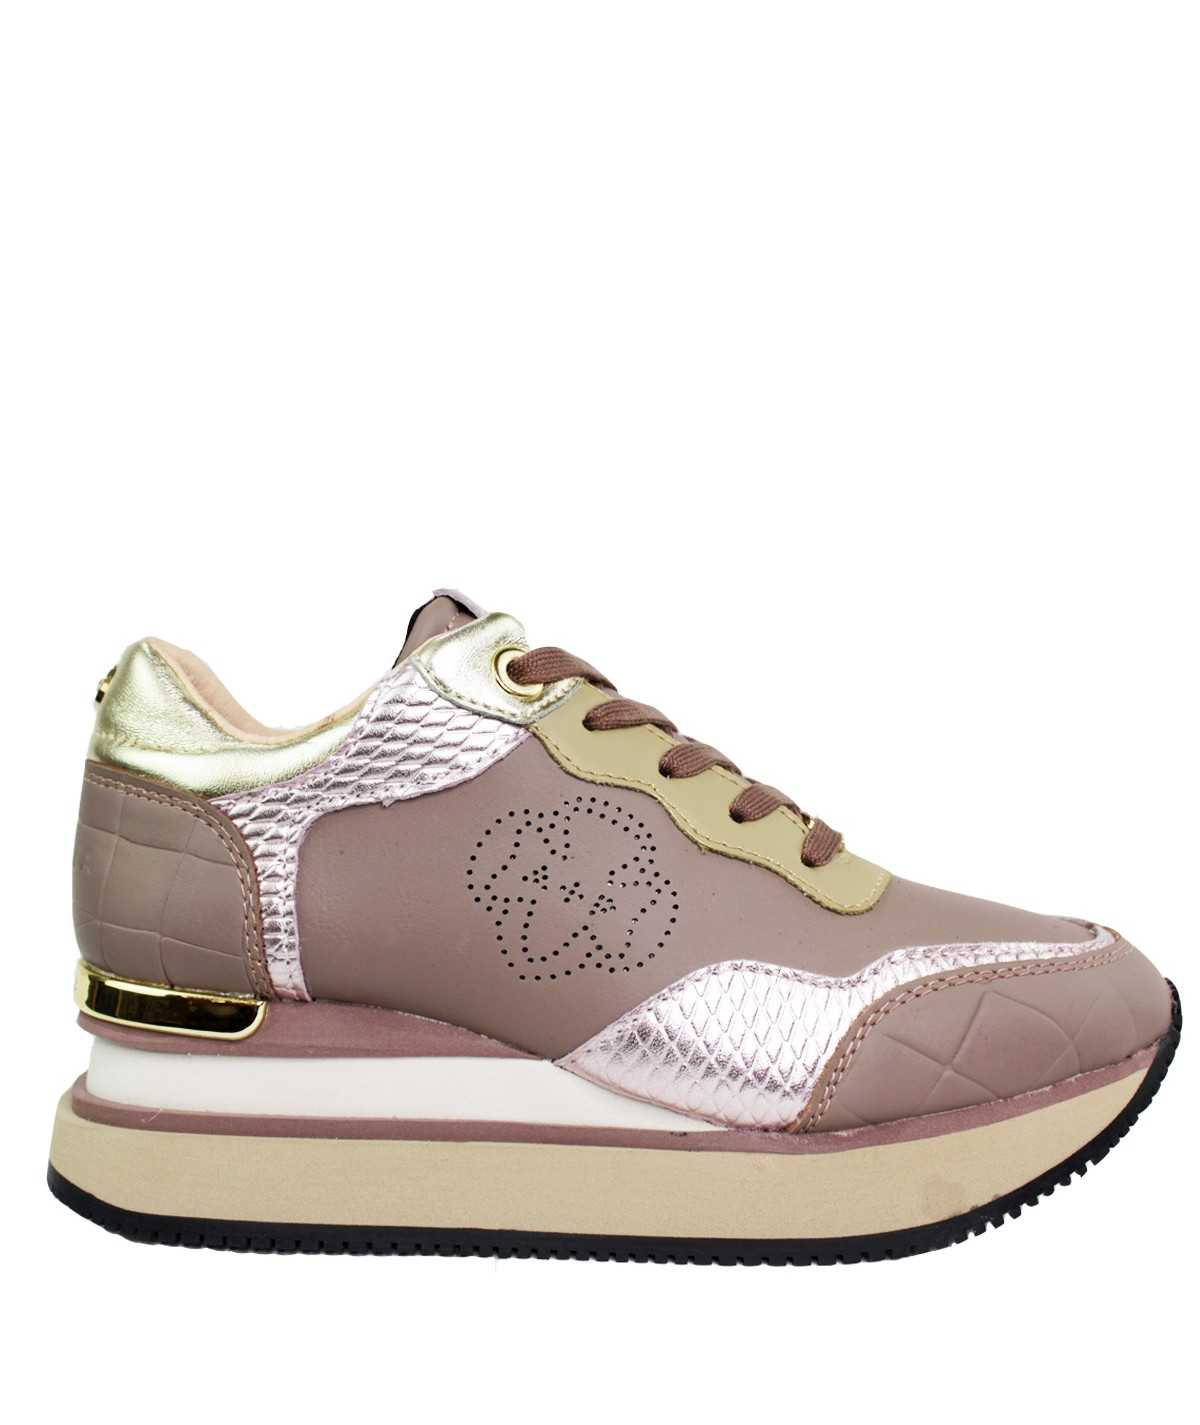 APEPAZZA Sneakers con zeppa...